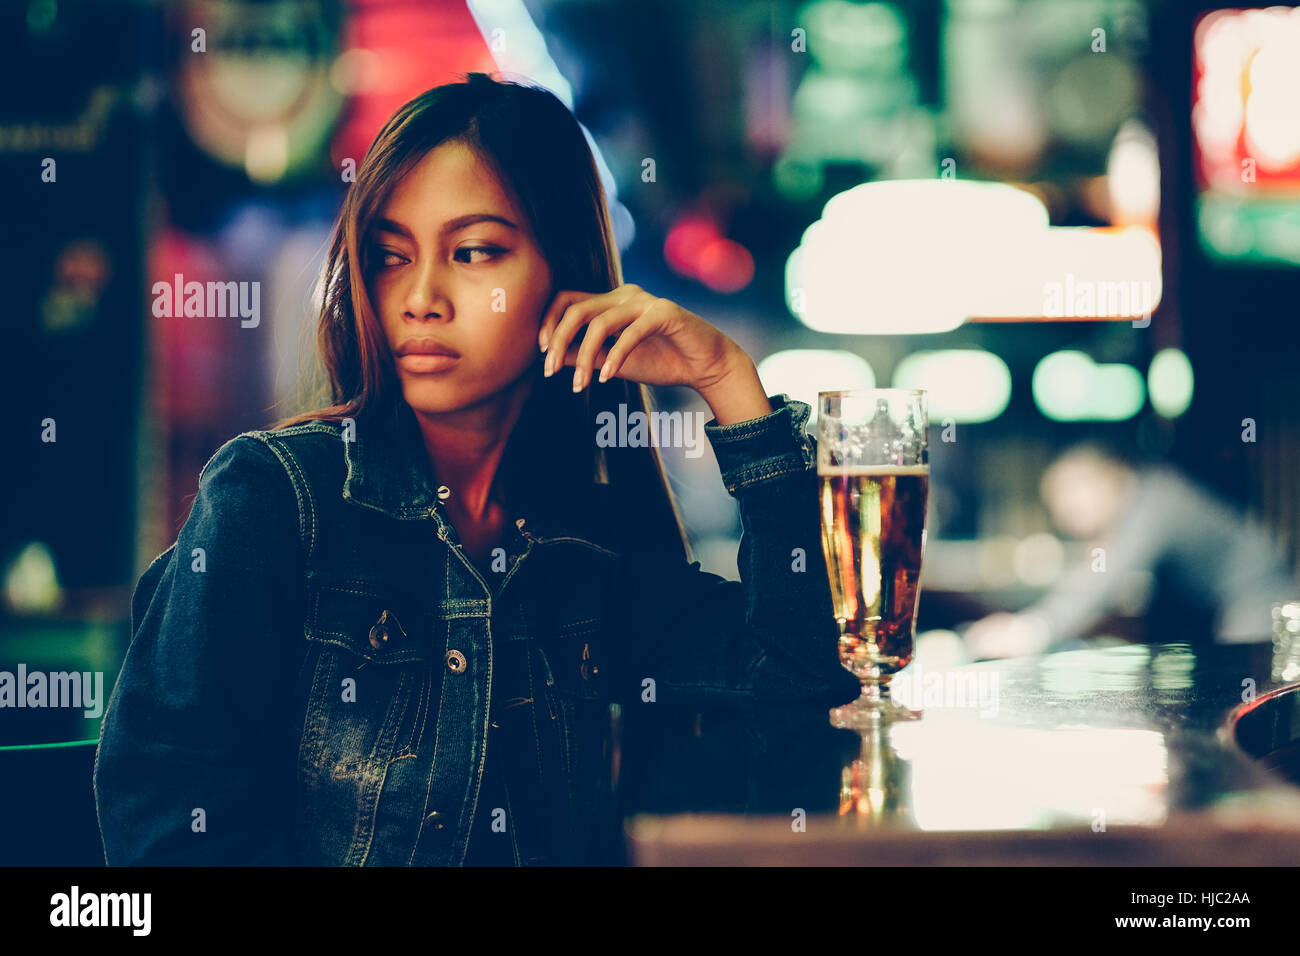 Nachtleben, Erwachsenen Mädchen warten in der Bar trinken Bär Stockbild